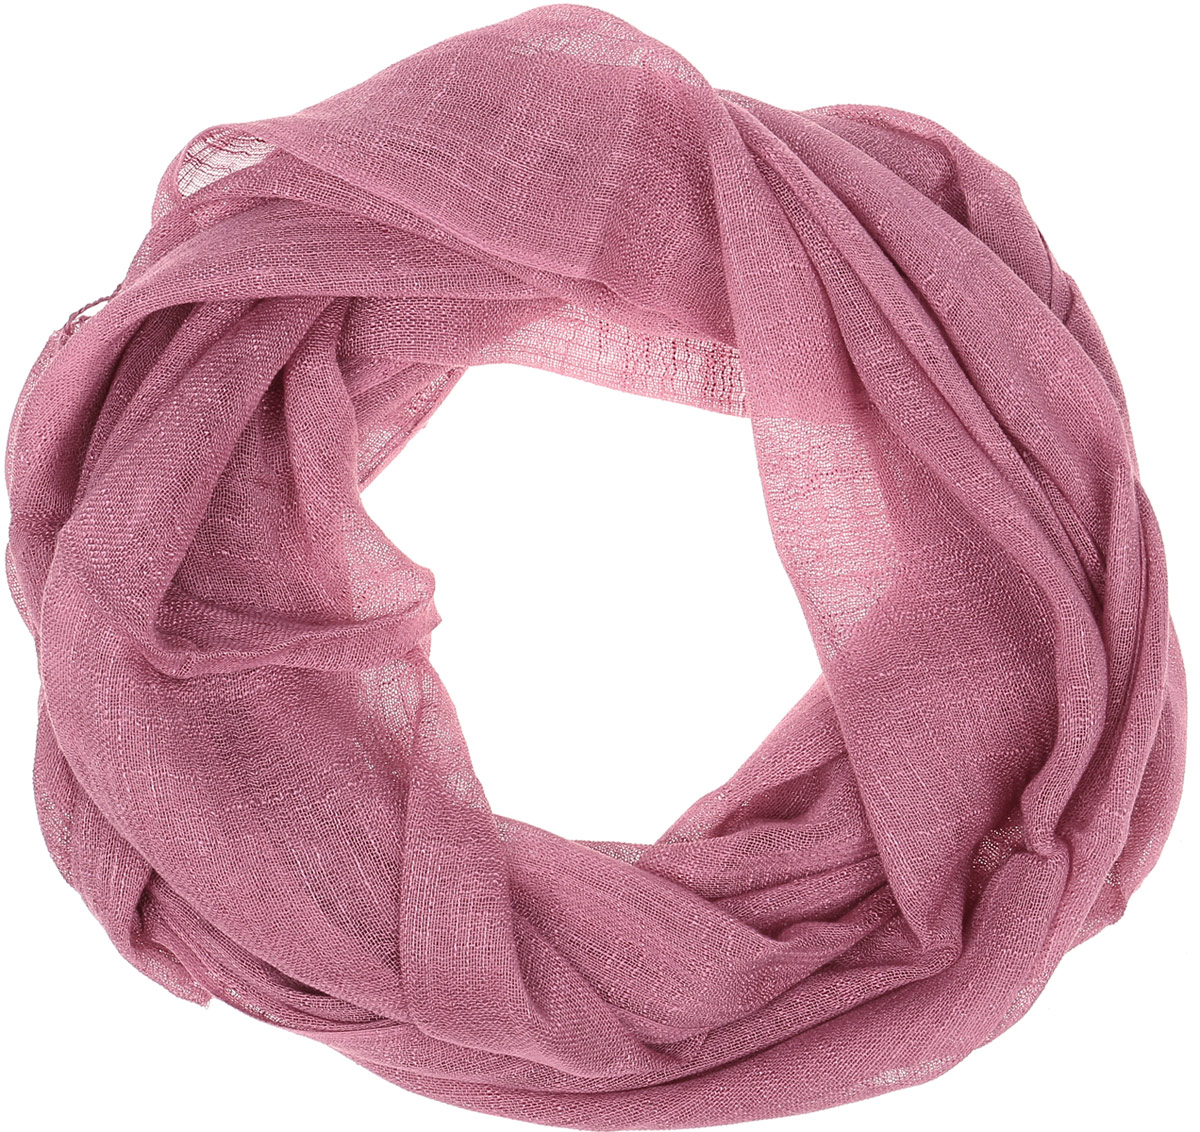 Палантин Vita Pelle, цвет: розовый. Ro02P135S/75. Размер 62 см х 175 смRo02P135S/75Палантин от Vita Pelle изготовлен изо льна и вискозы. Края изделия дополнены бахромой.